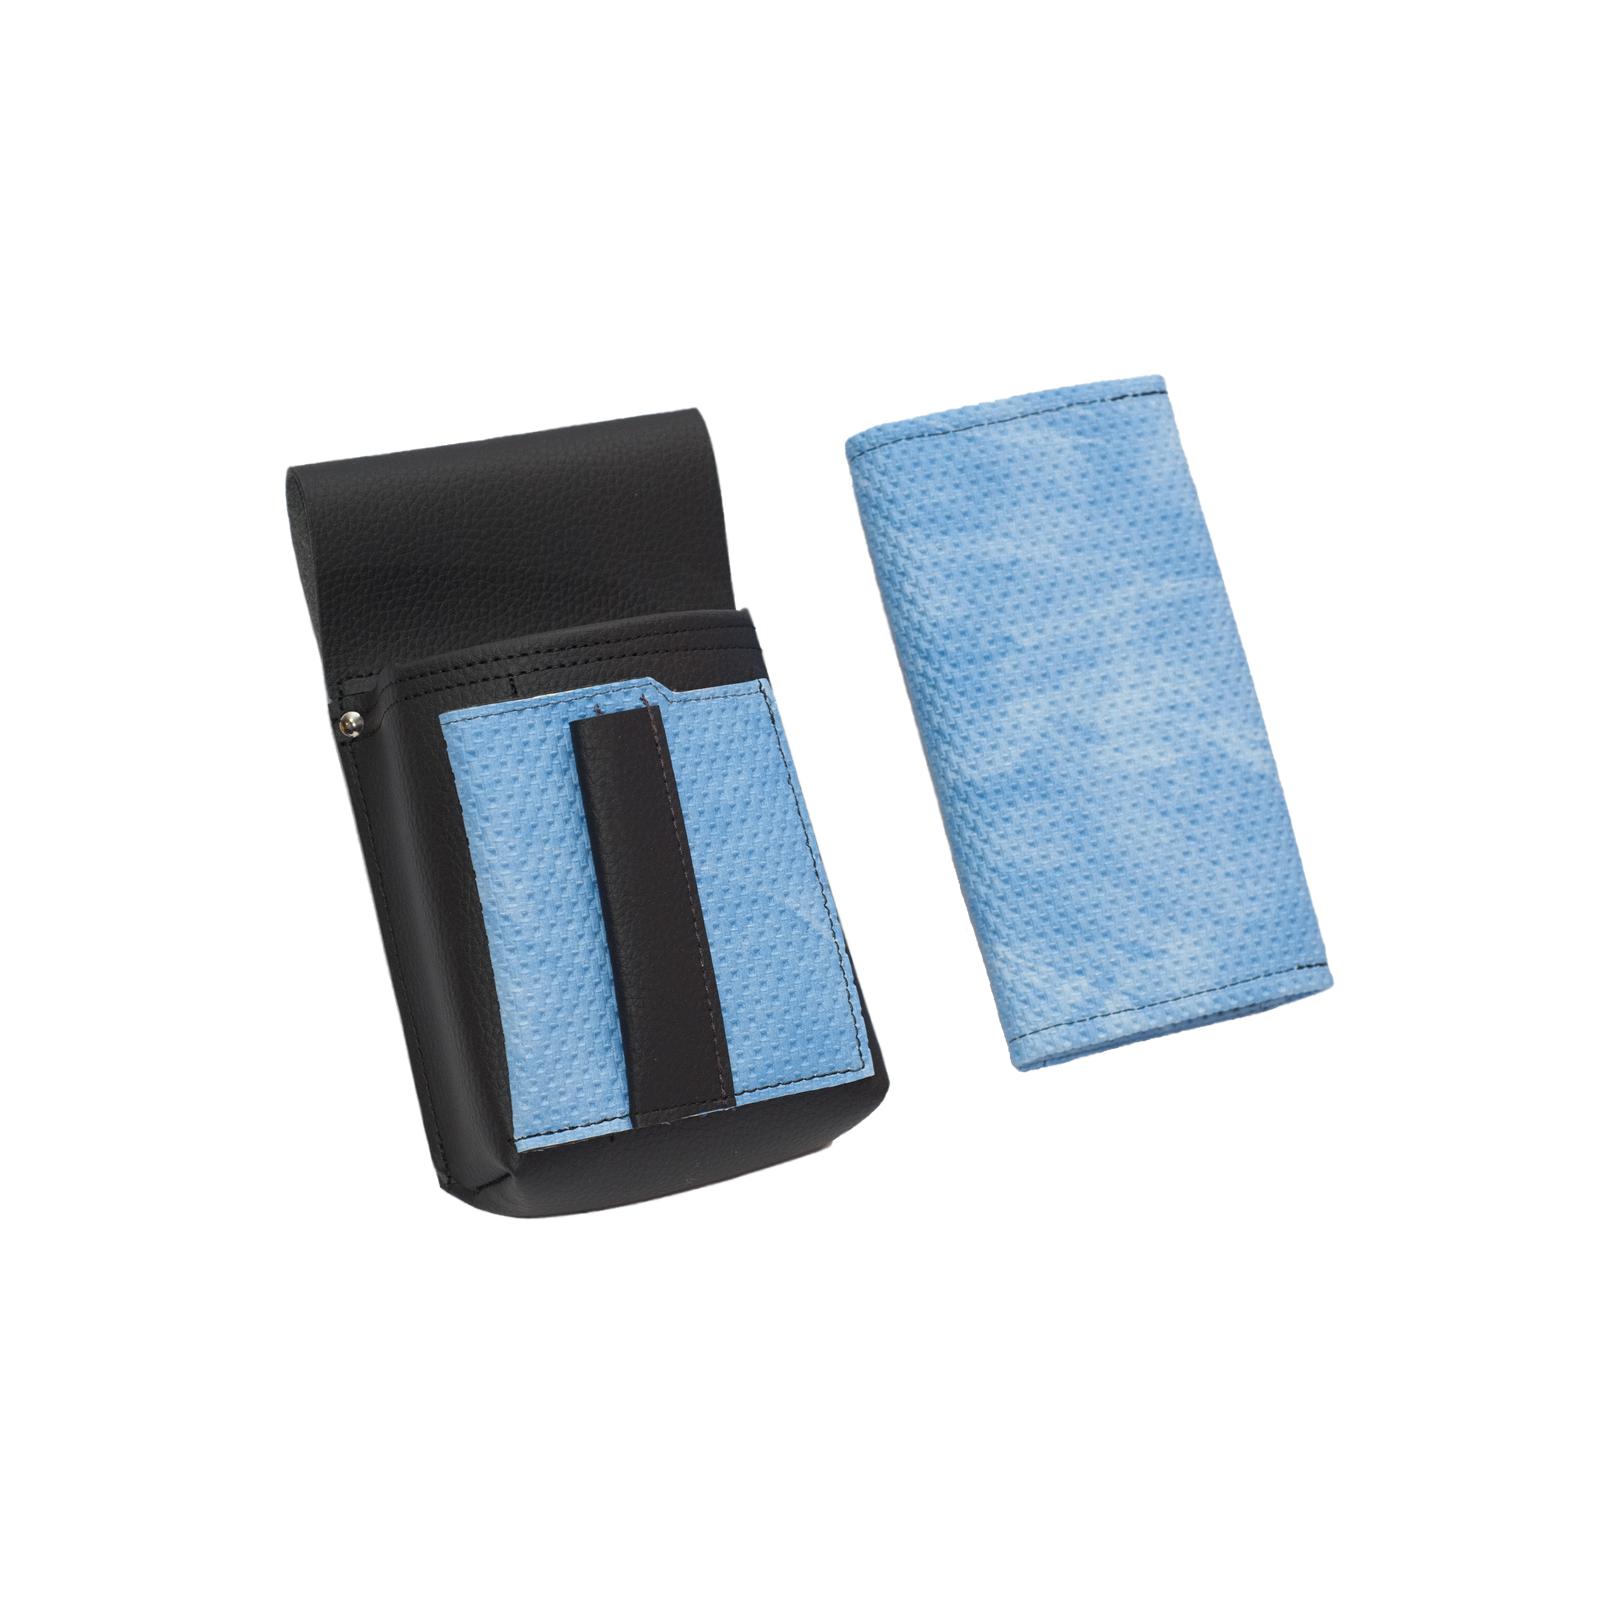 e9bd86566 Koženkový set - peňaženka (vrúbkovaná, modrá, 2 zipsy) a vrecko s farebným